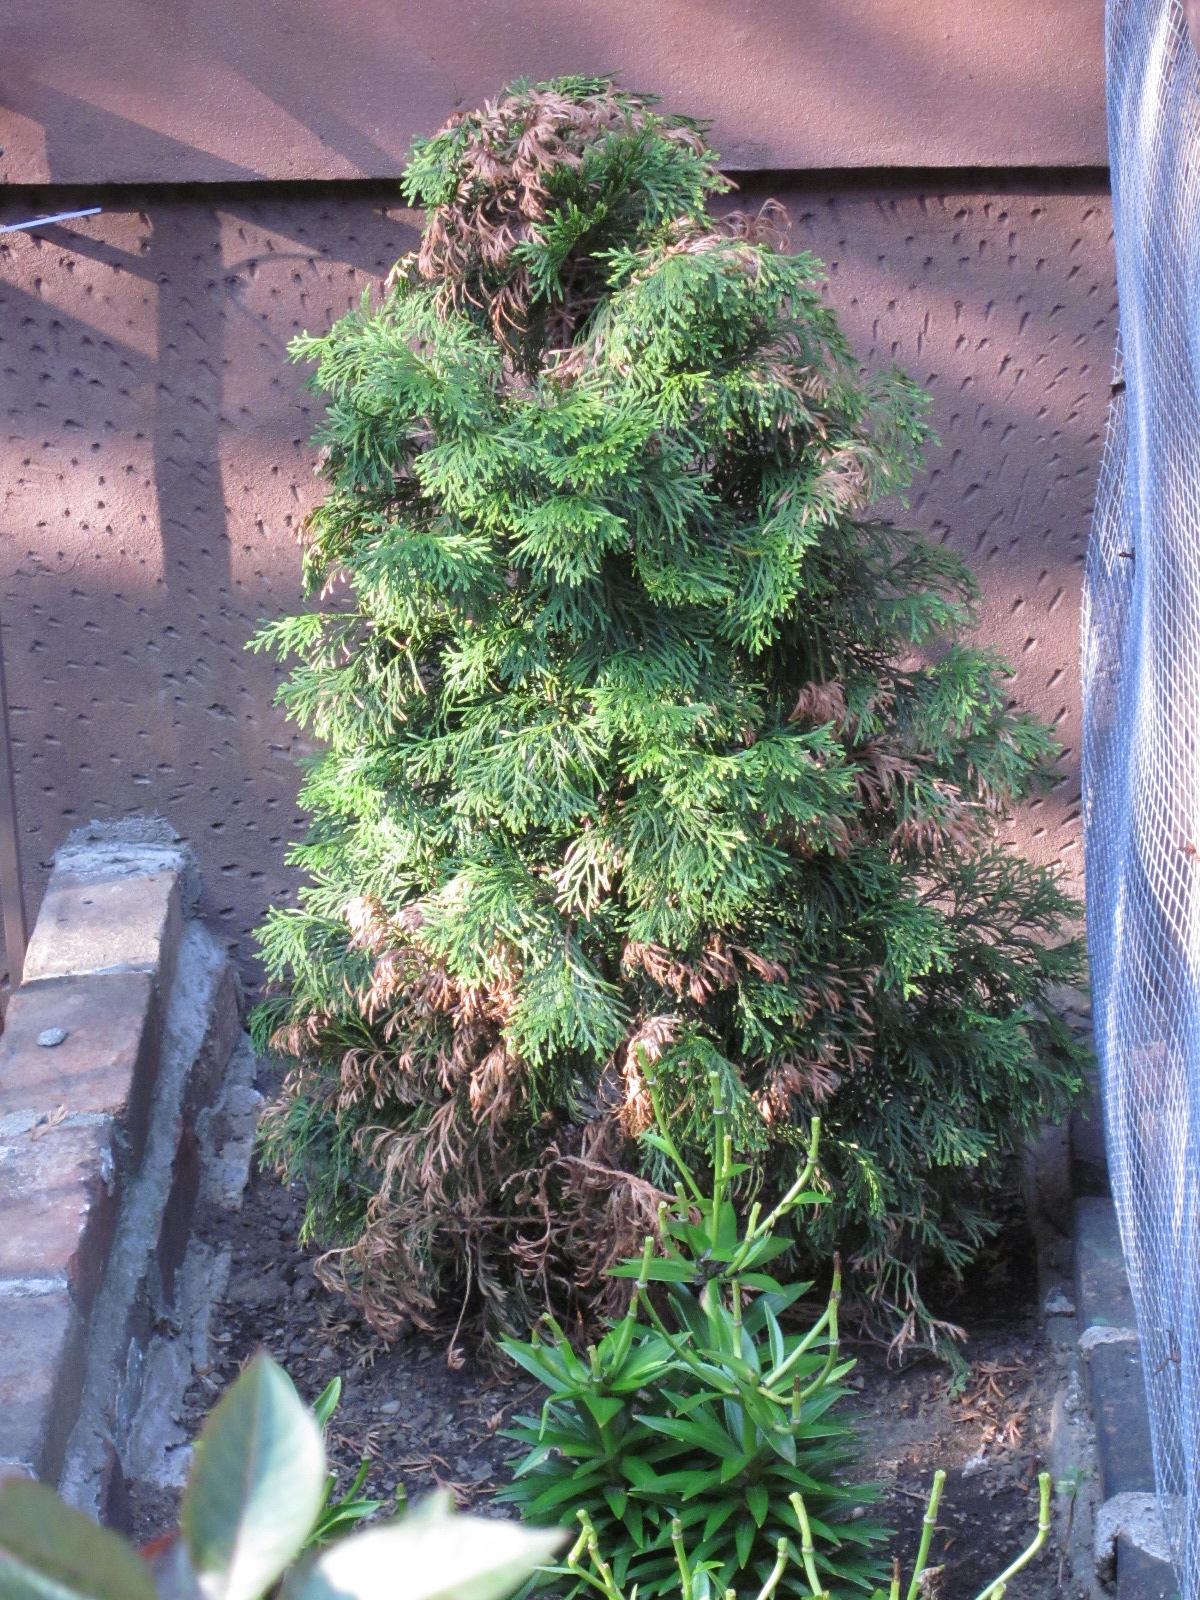 Xmas Tree In July